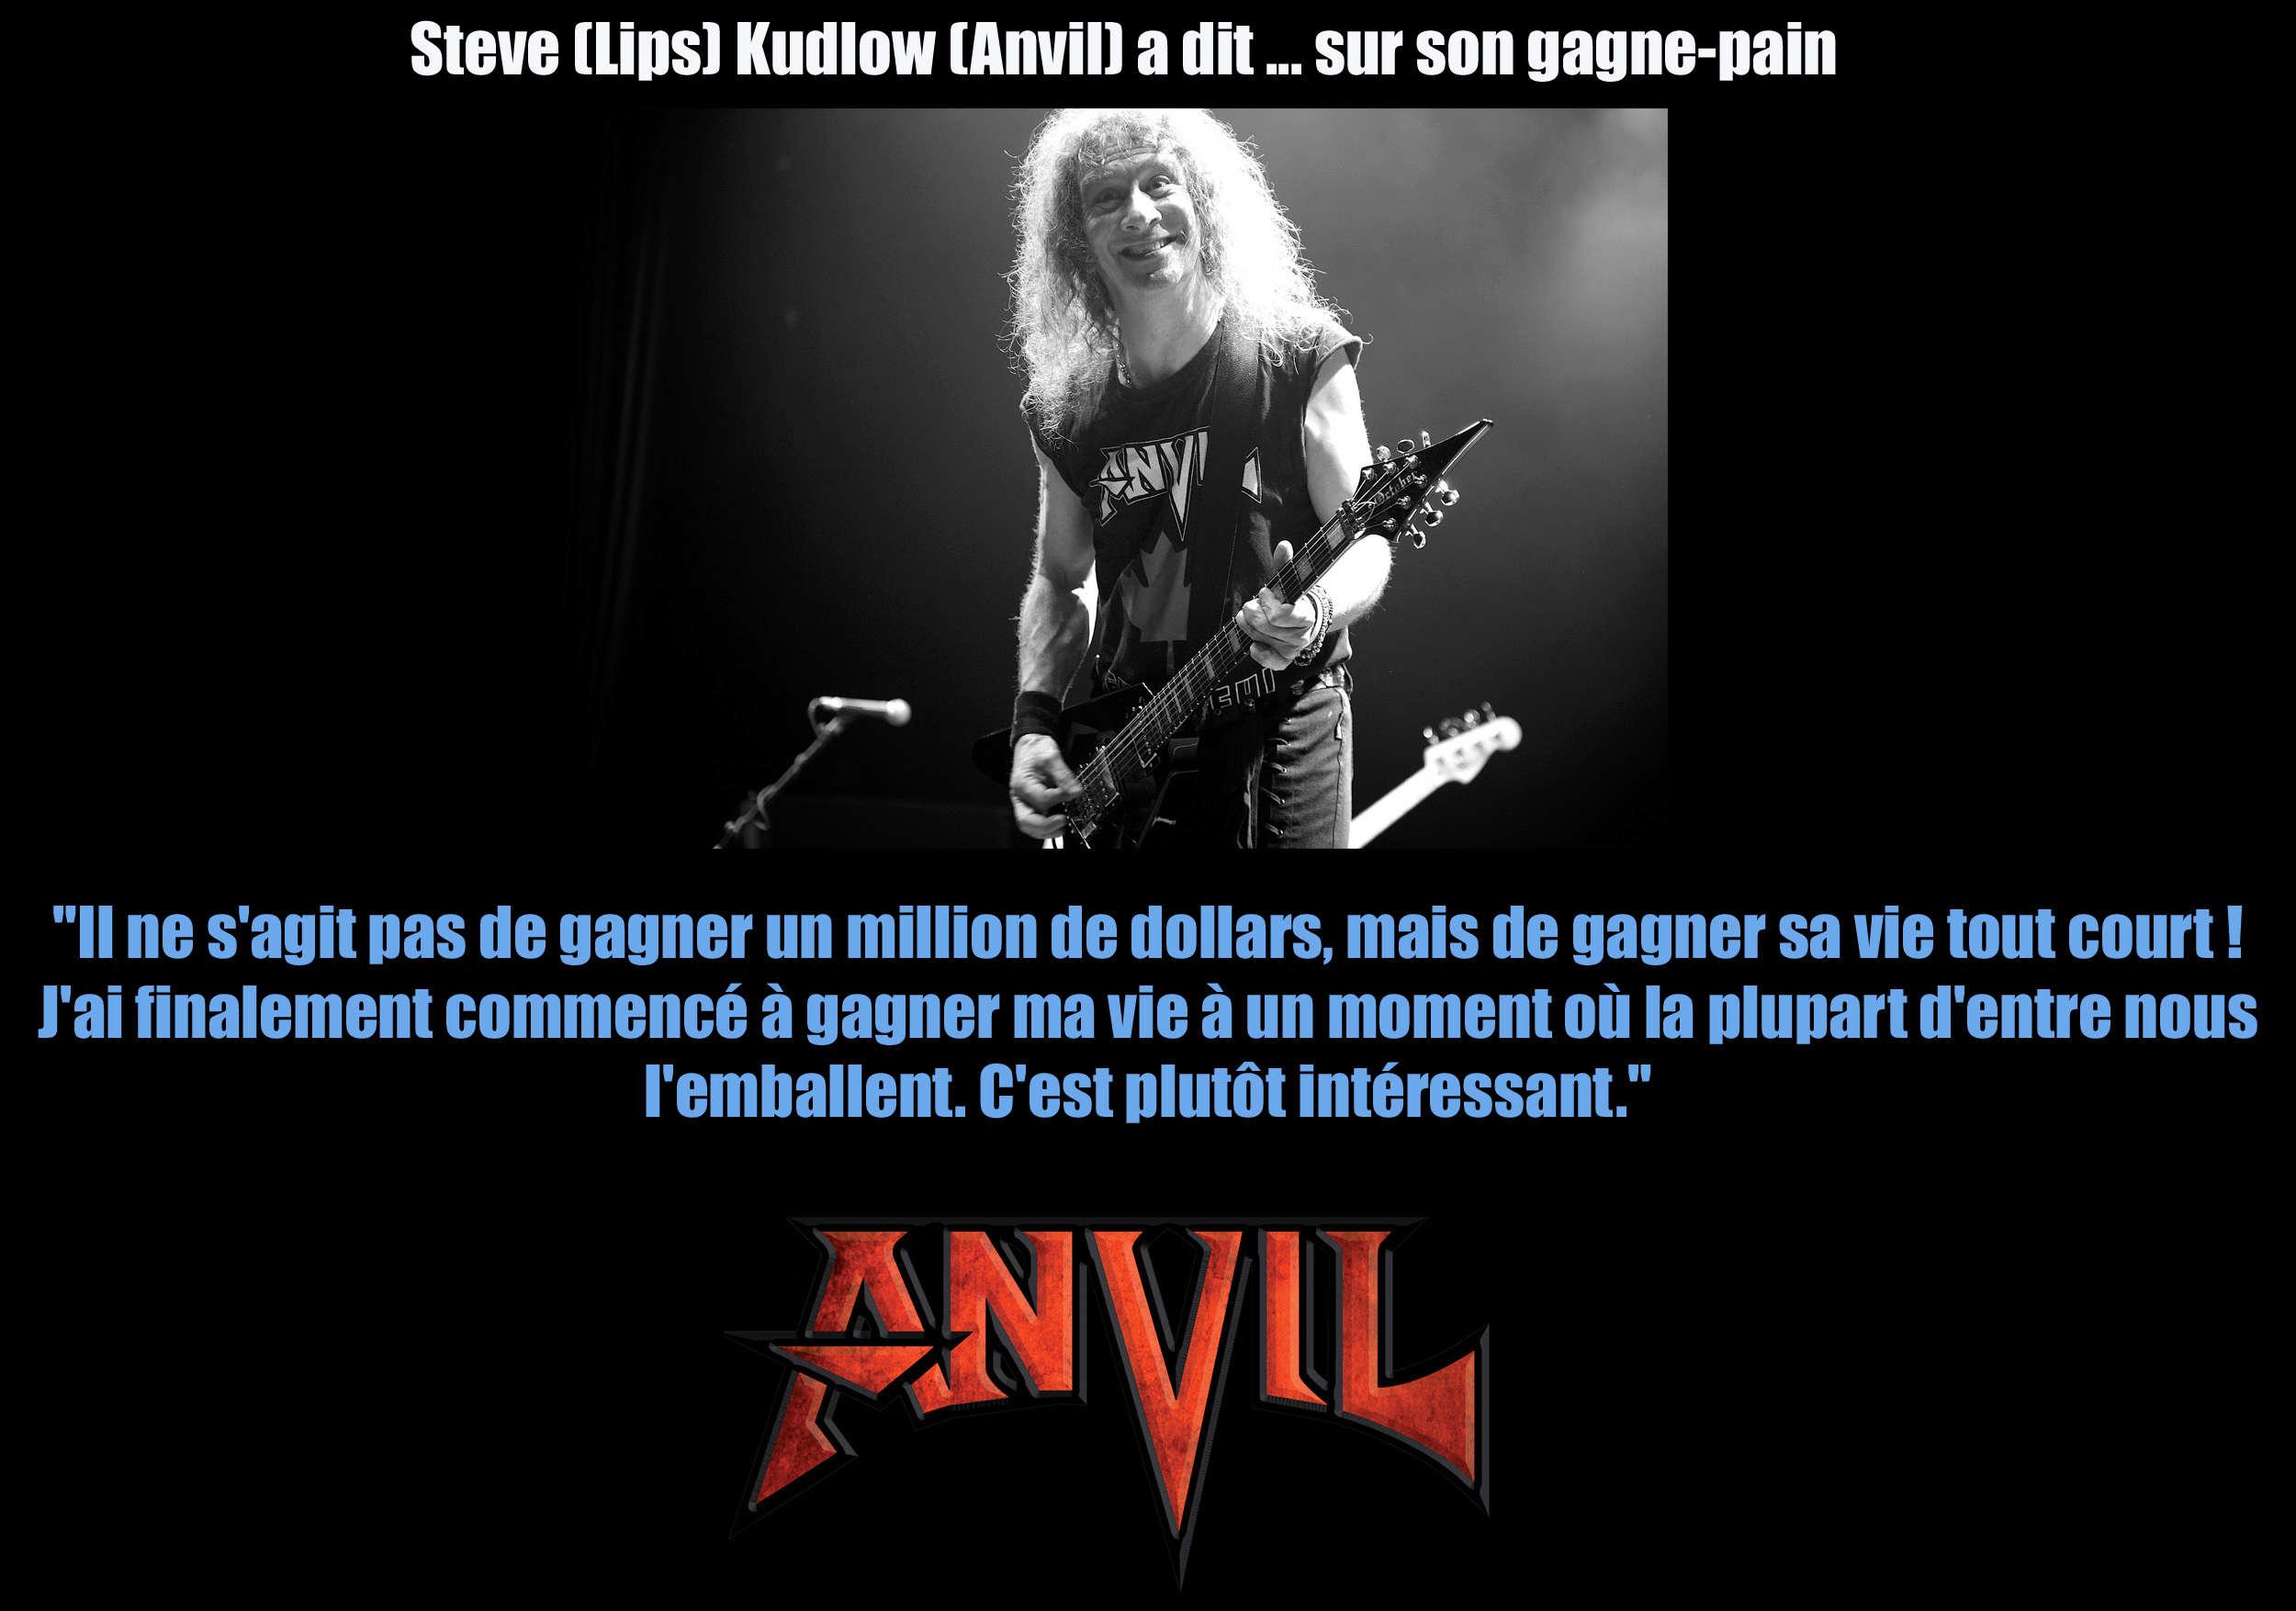 STEVE KUDLOW (Anvil) a dit ... sur son gagne-pain Steve_10